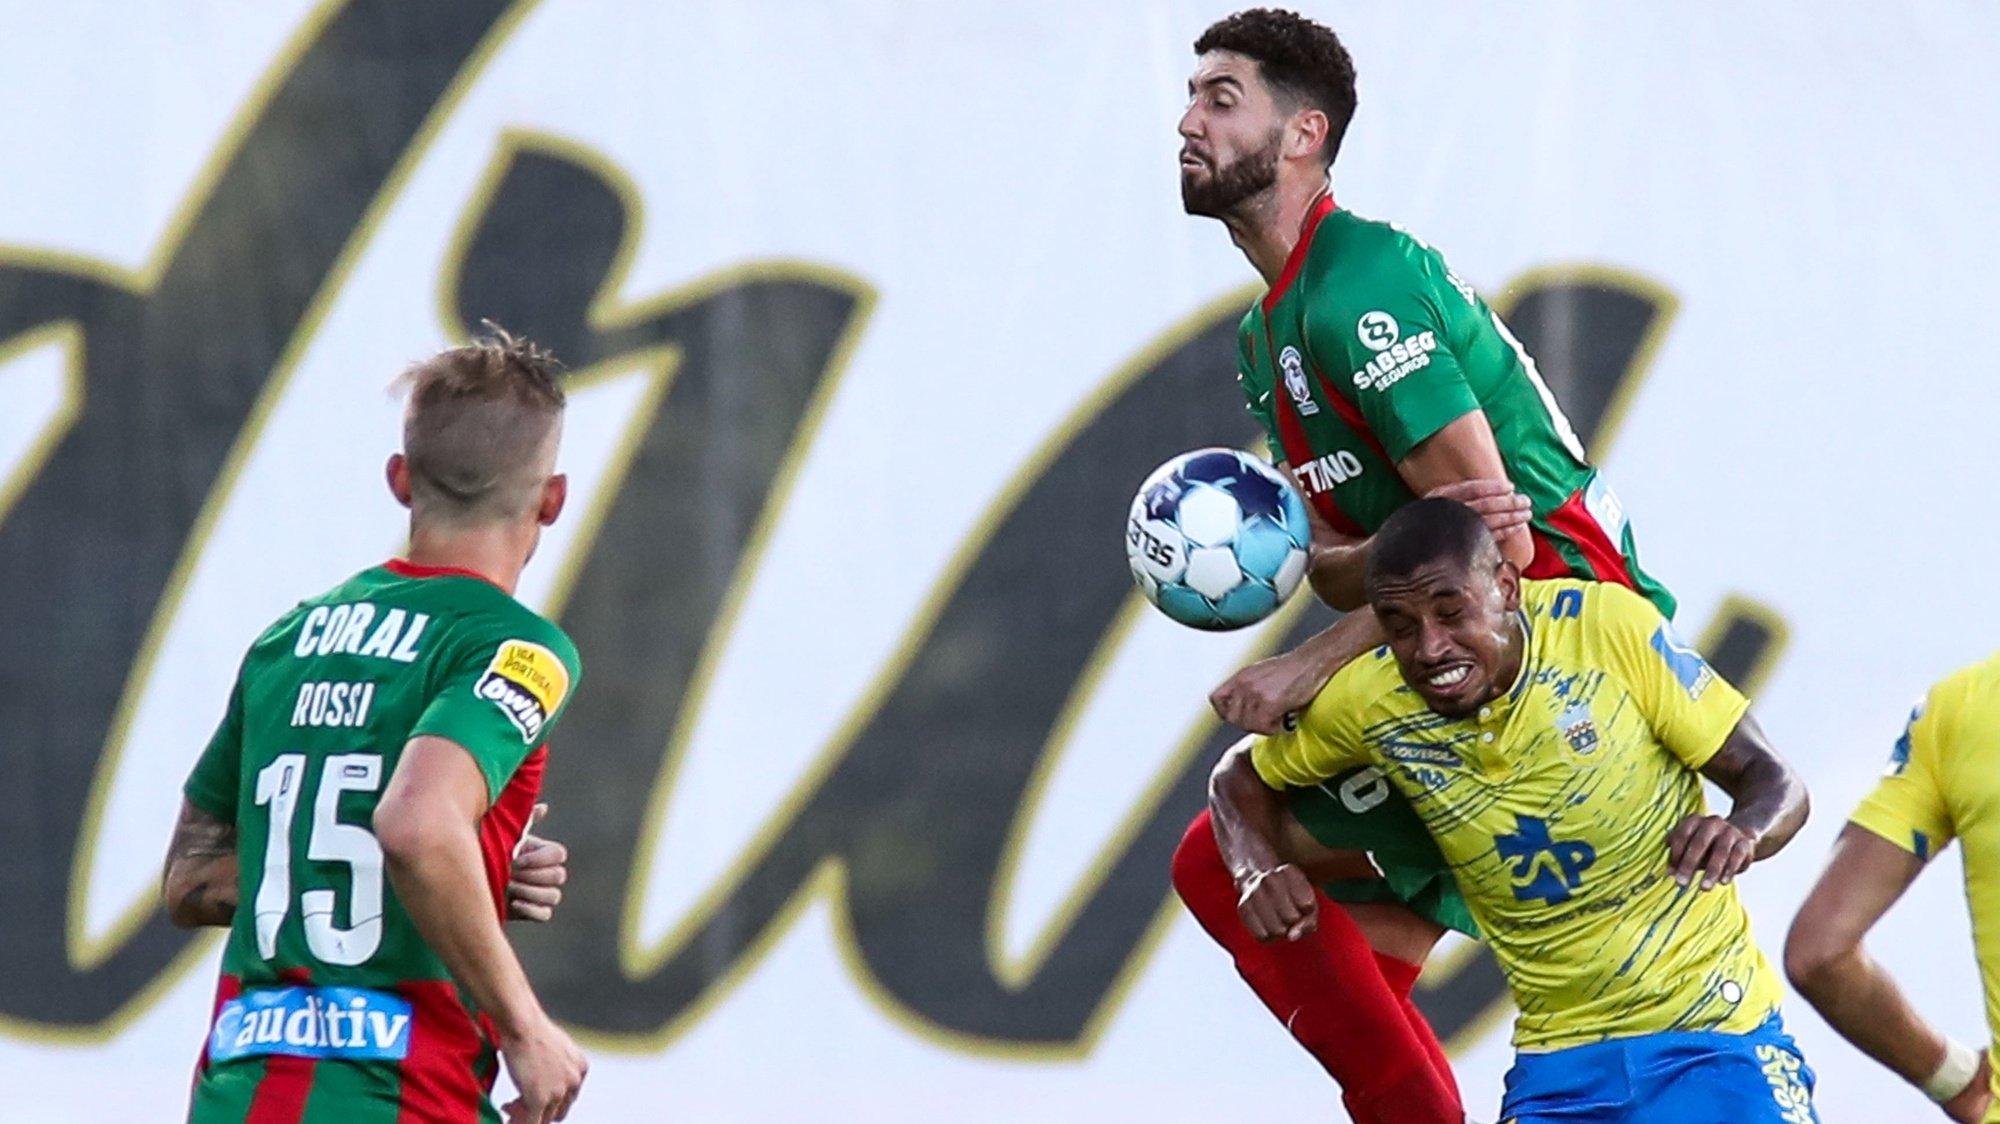 O jogador do Marítimo, Leo Andrade ( C) disputa a bola com o jogador do Arouca, André Silva ( D), durante o jogo da Primeira Liga de Futebol, disputado no Estádio da Madeira, no Funchal, 13 de setembro de 2021. HOMEM DE GOUVEIA/LUSA